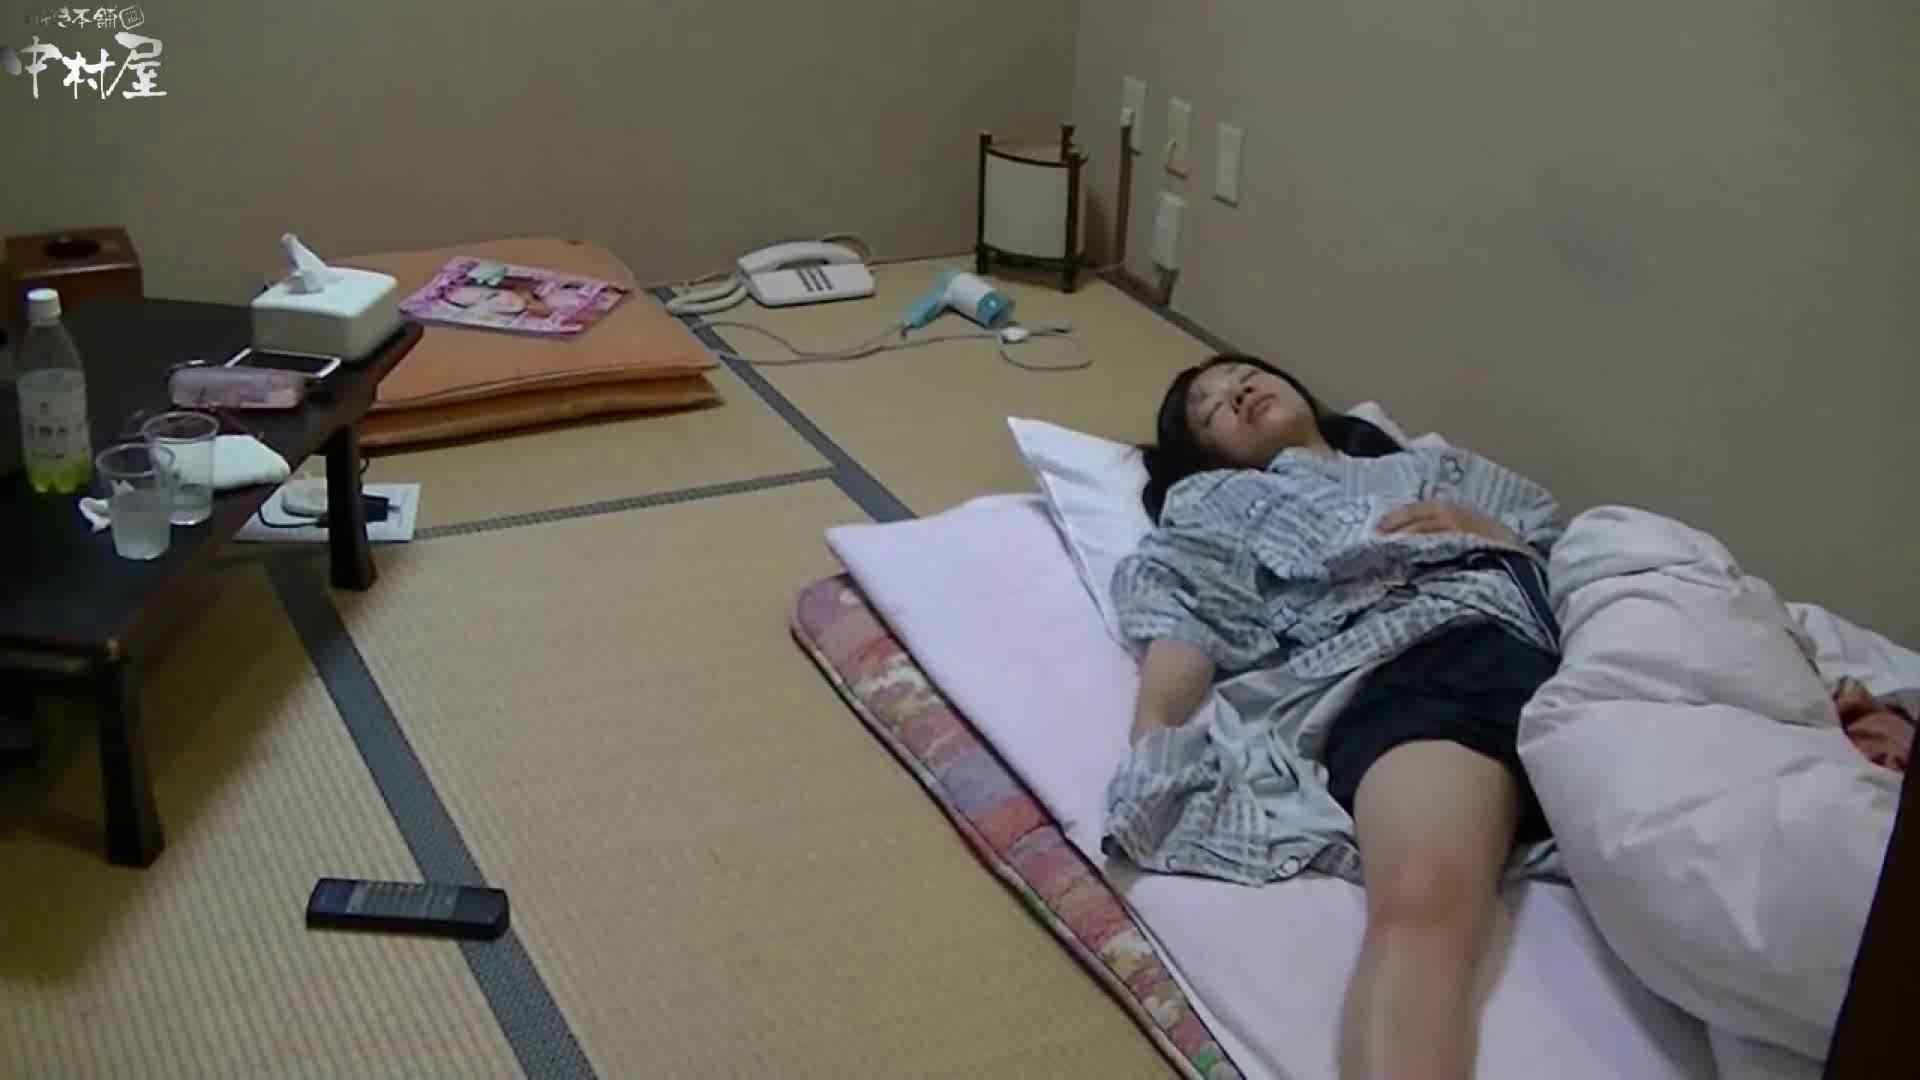 ネムリ姫 vol.52 前編 乳首 | 浴衣  25PICs 1